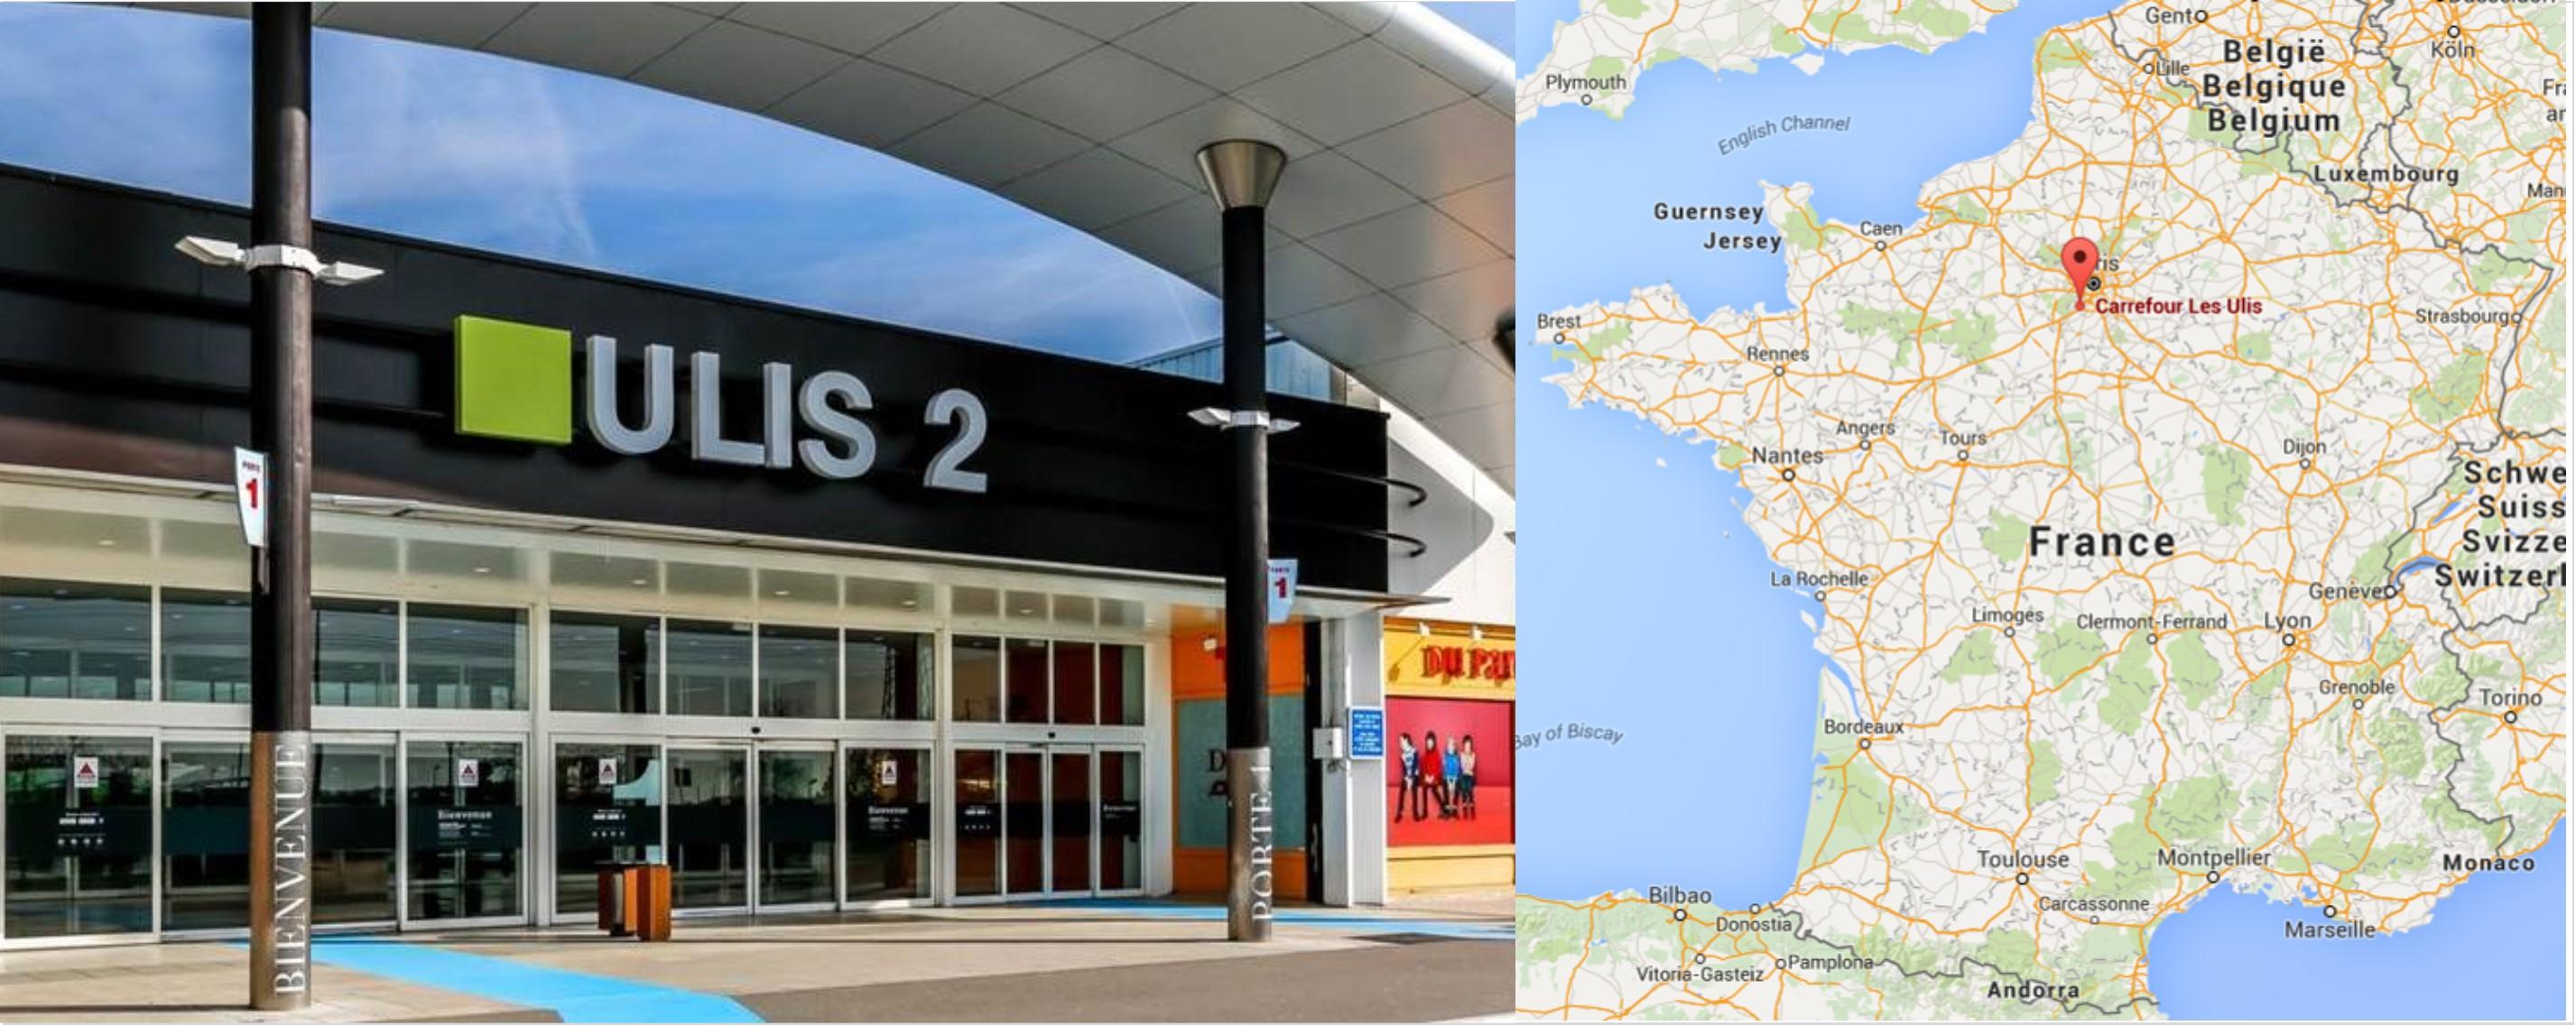 Centre commercial Les Ulis 2